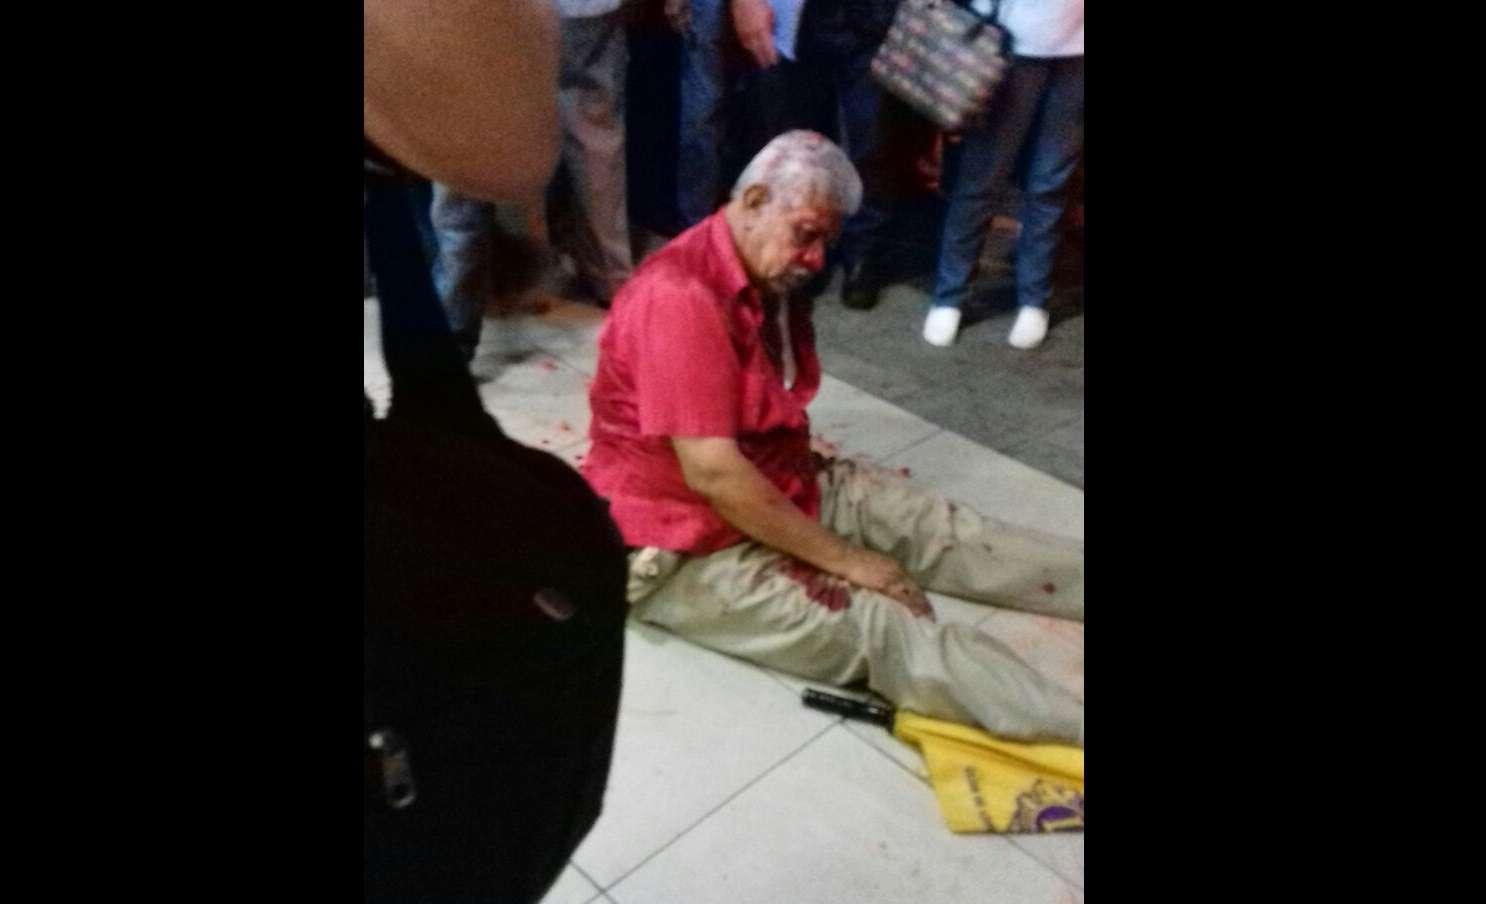 Vista general de la condición en la que quedó el chancero tras el ataque armado en octubre de 2017.  Foto: Mayra Madrid